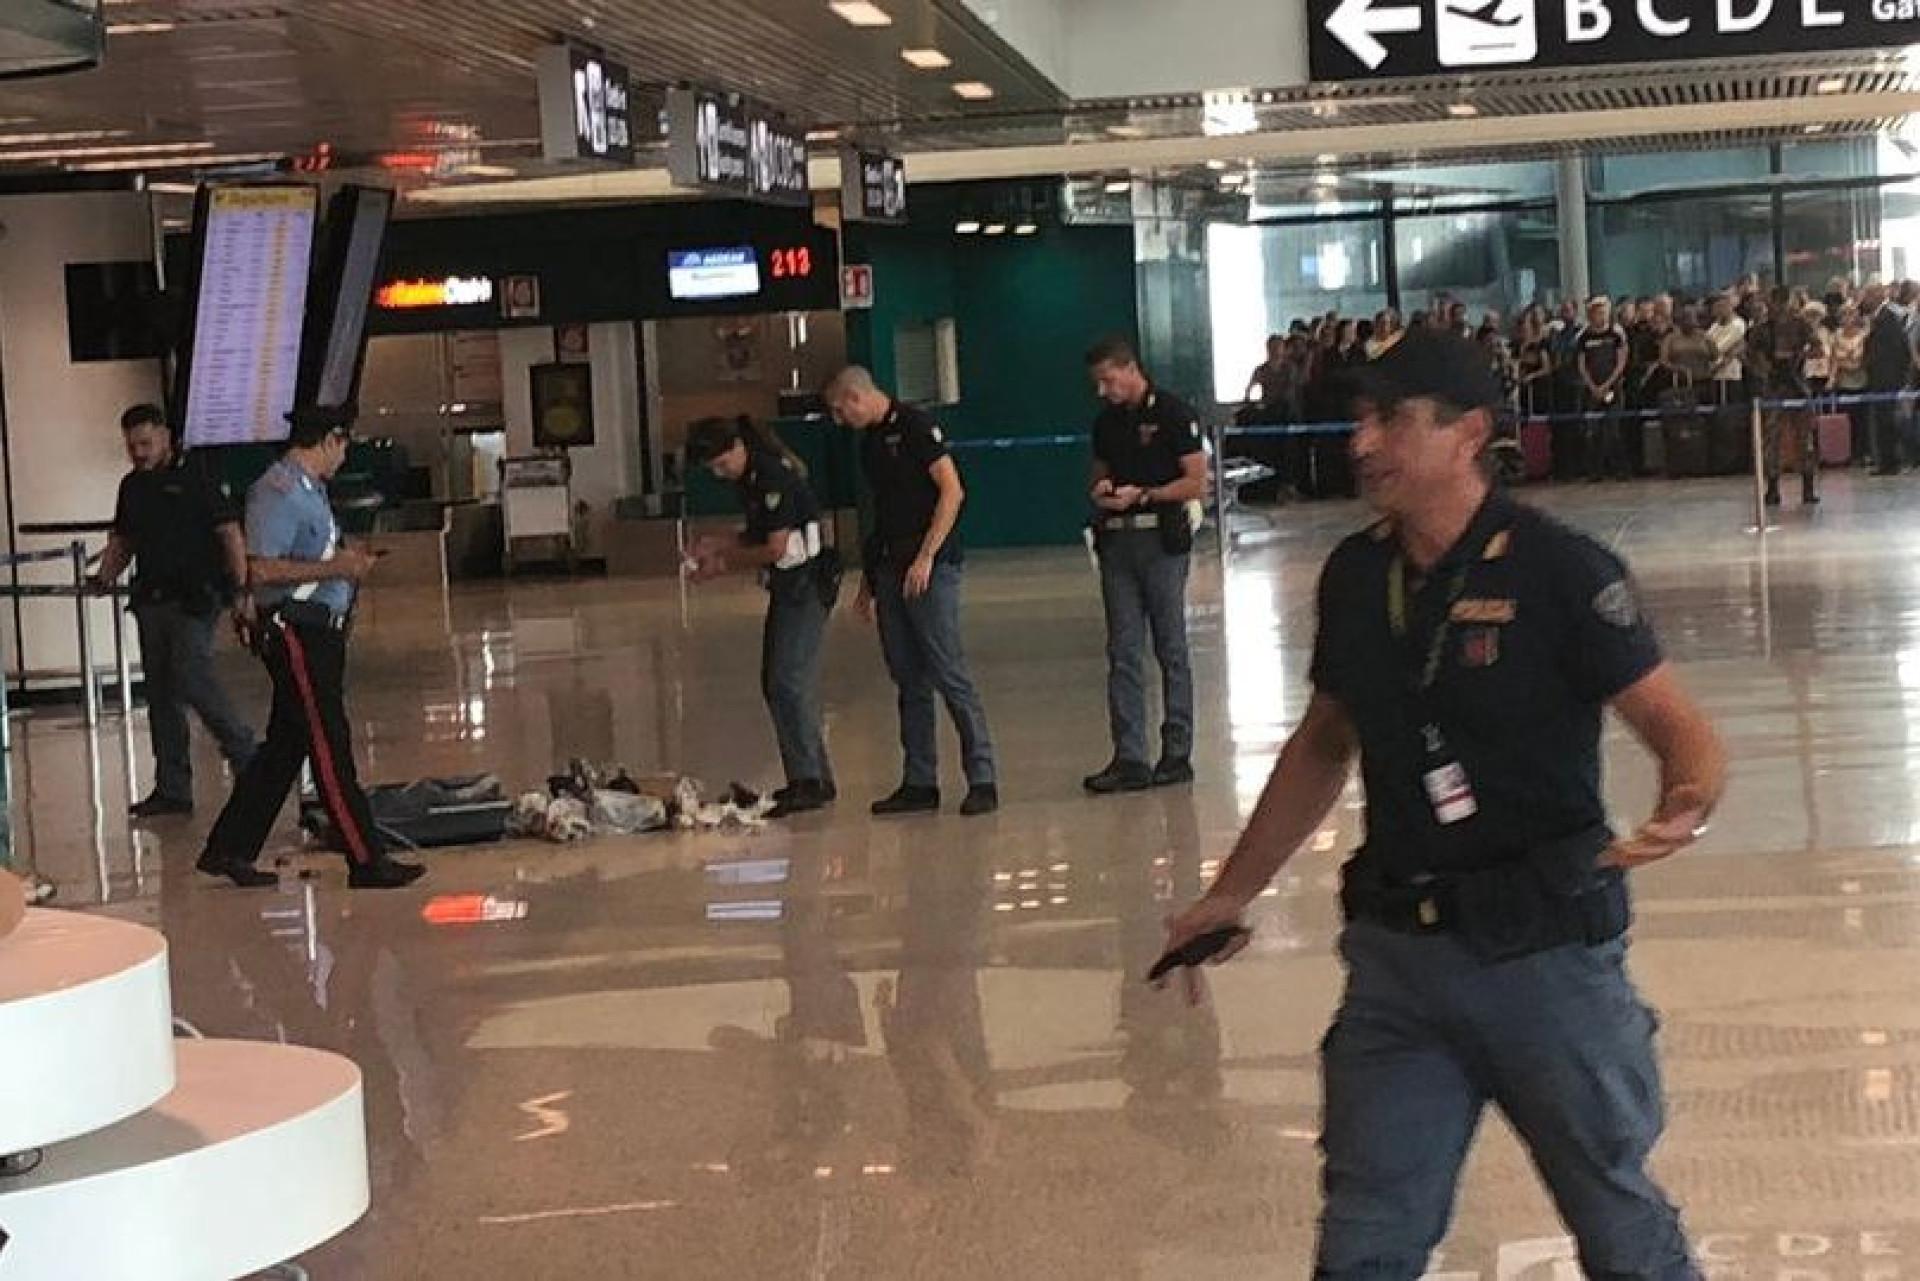 Autoridades explodem mala suspeita em aeroporto de Roma